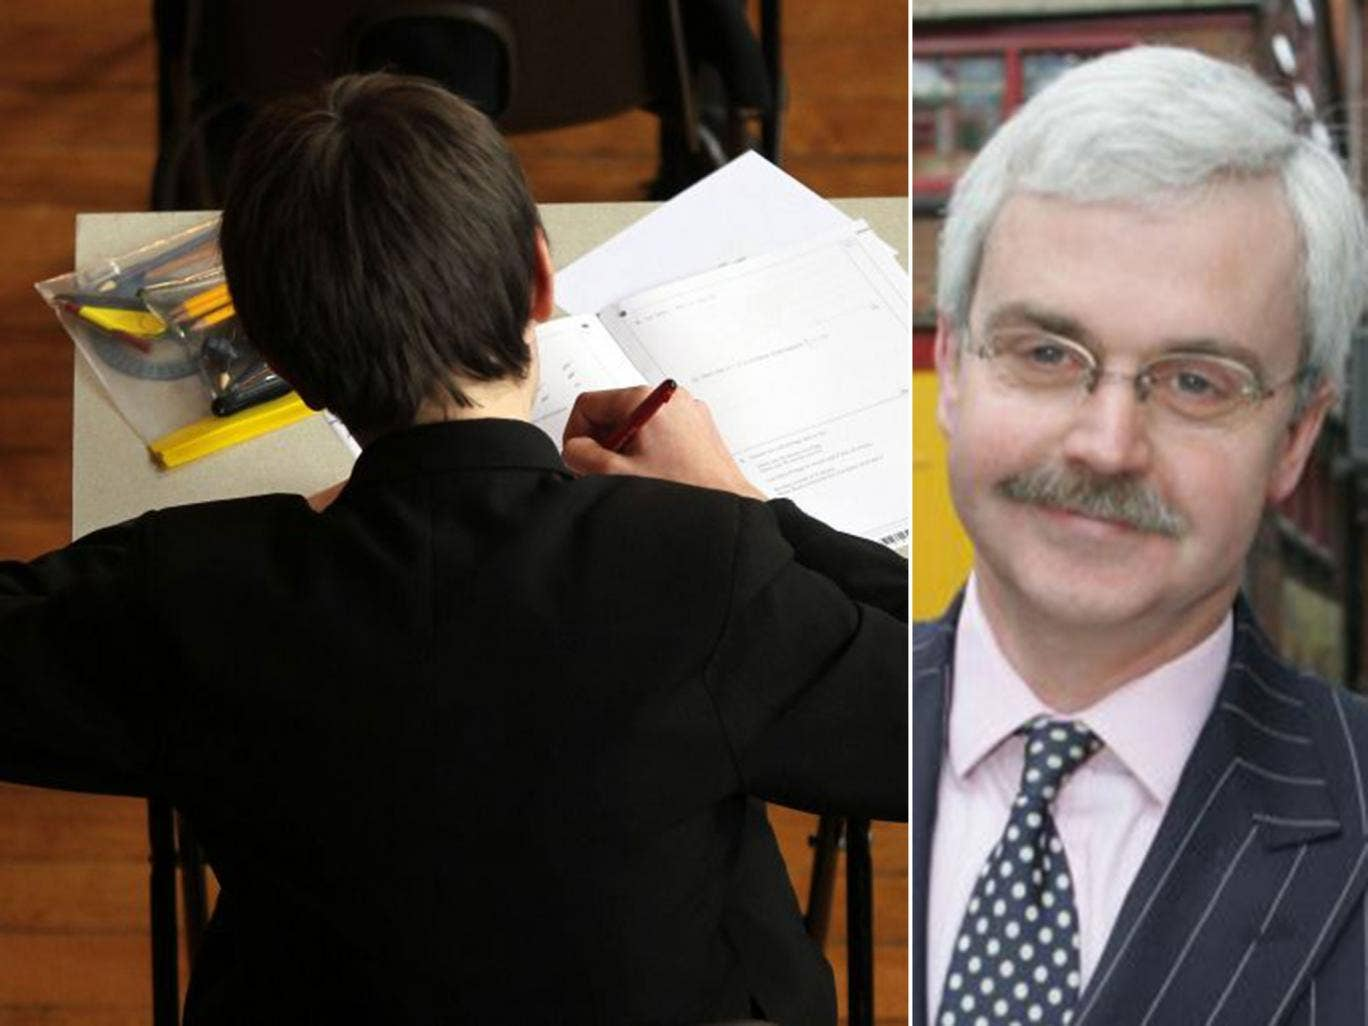 Tony Little is the headmaster of Eton